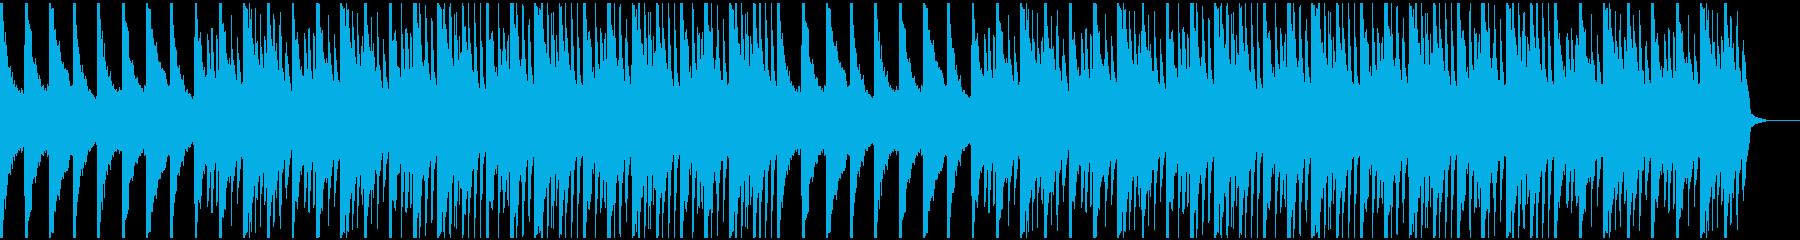 企業VP、優雅なピアノメインの再生済みの波形